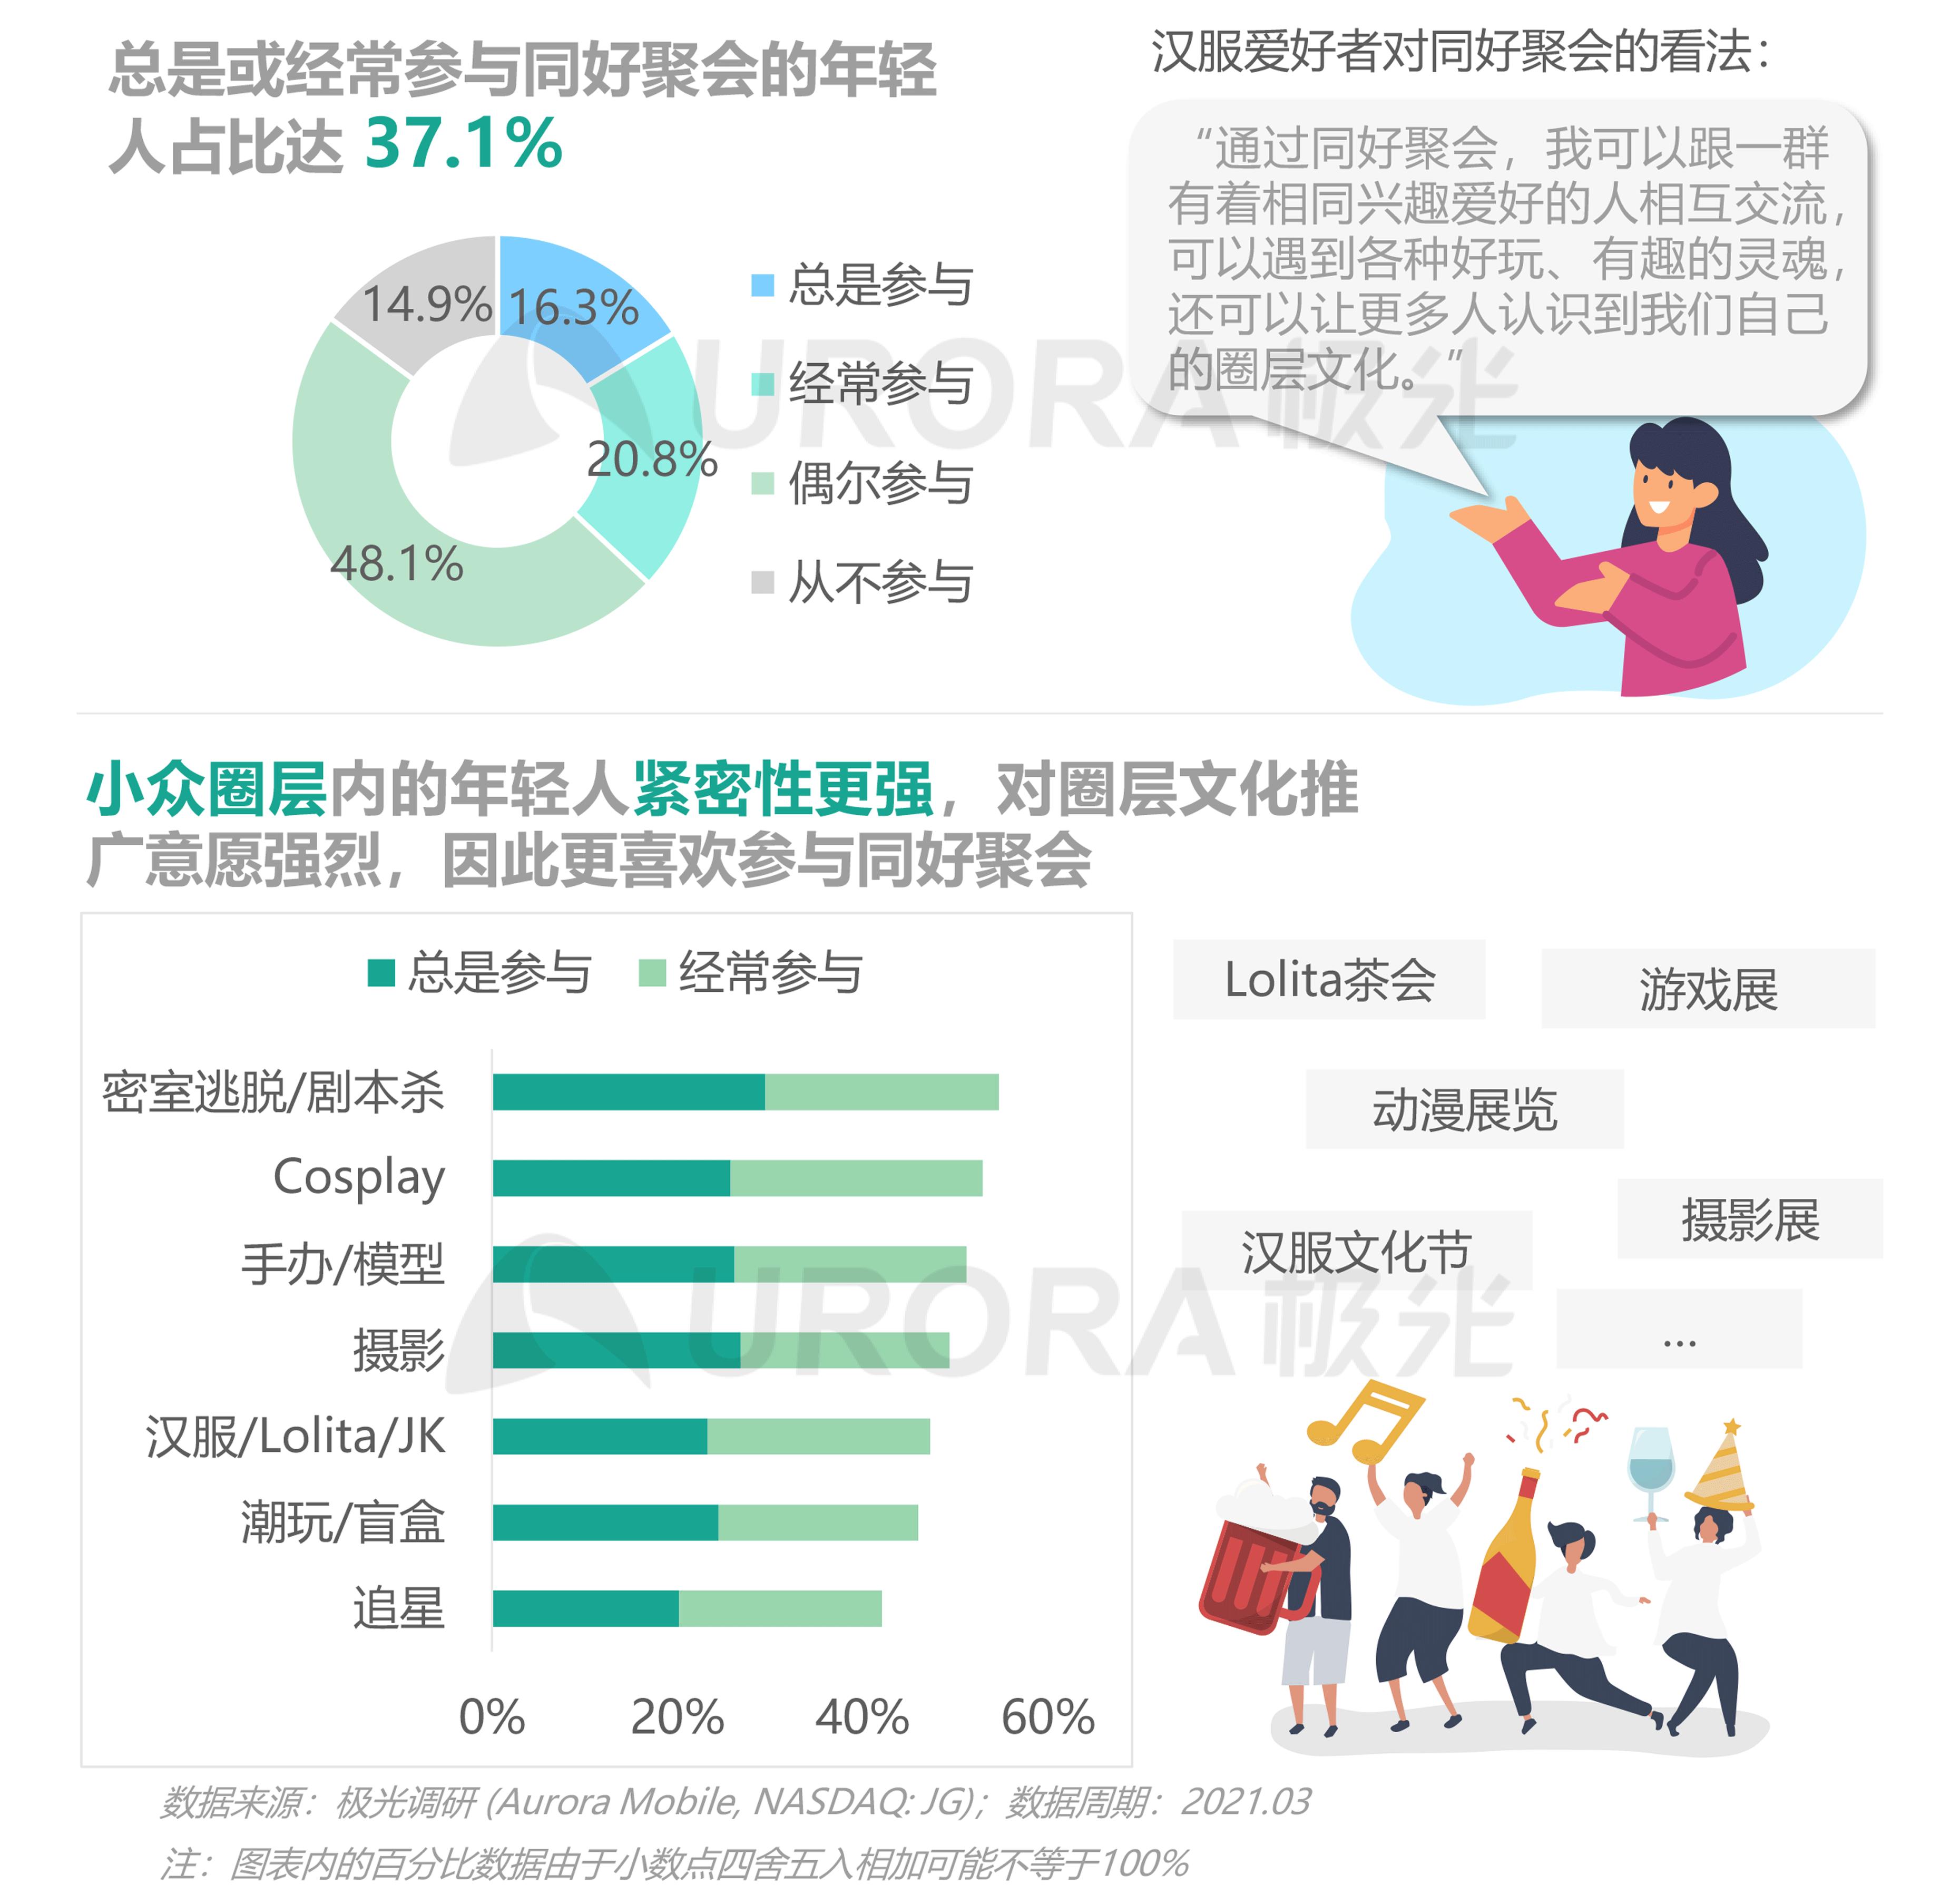 2021年轻人营销趋势研究报告【定稿】-18.png